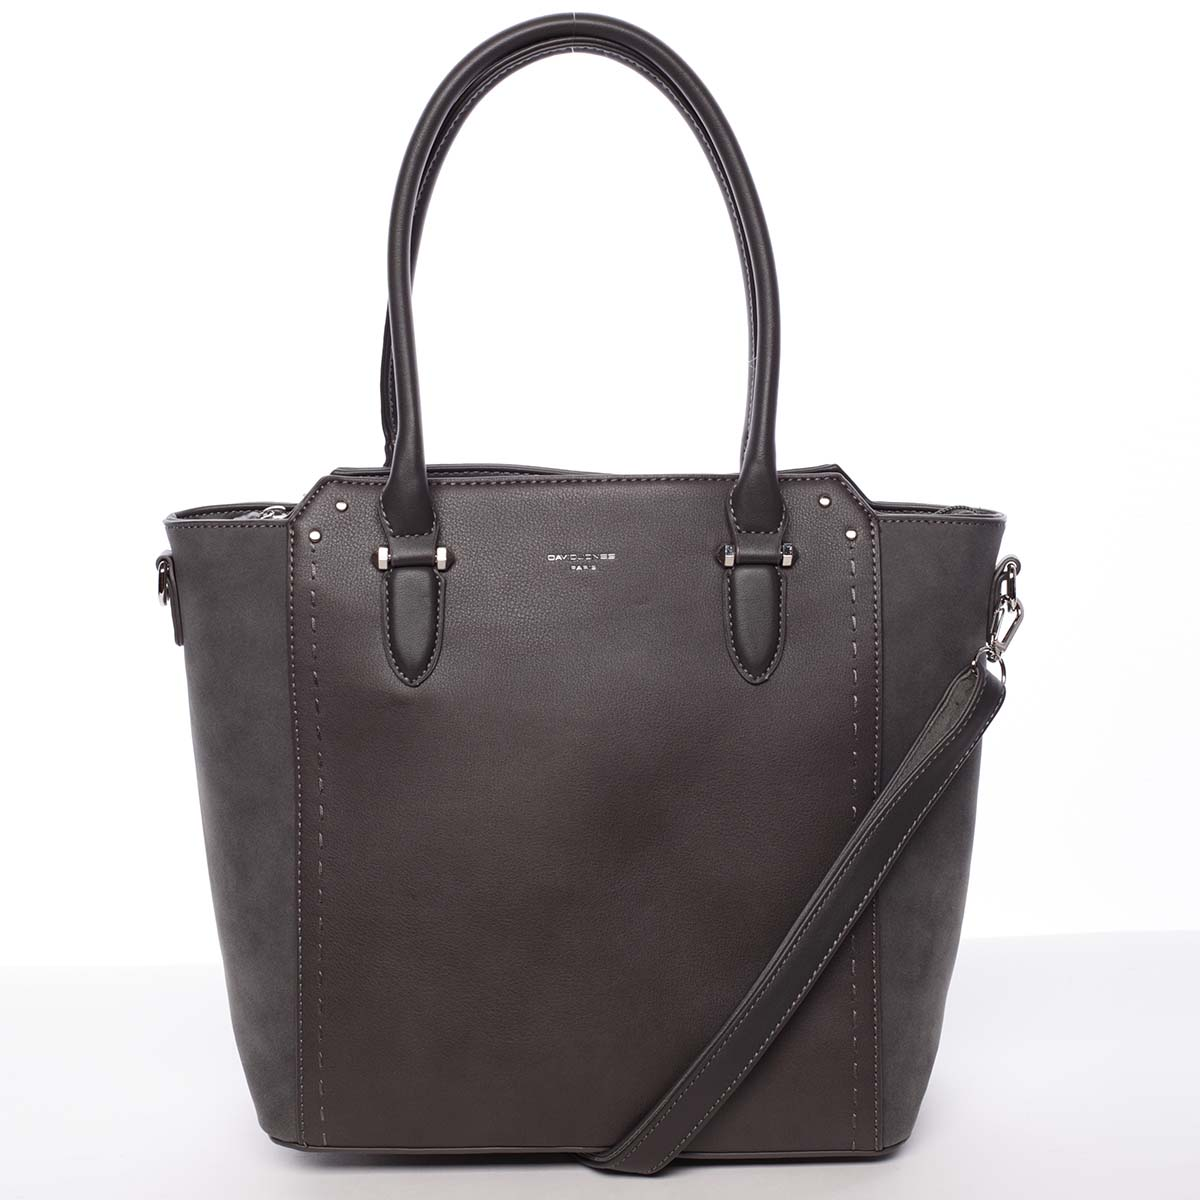 Větší dámská tmavě šedá kabelka přes rameno - David Jones Pelagiana